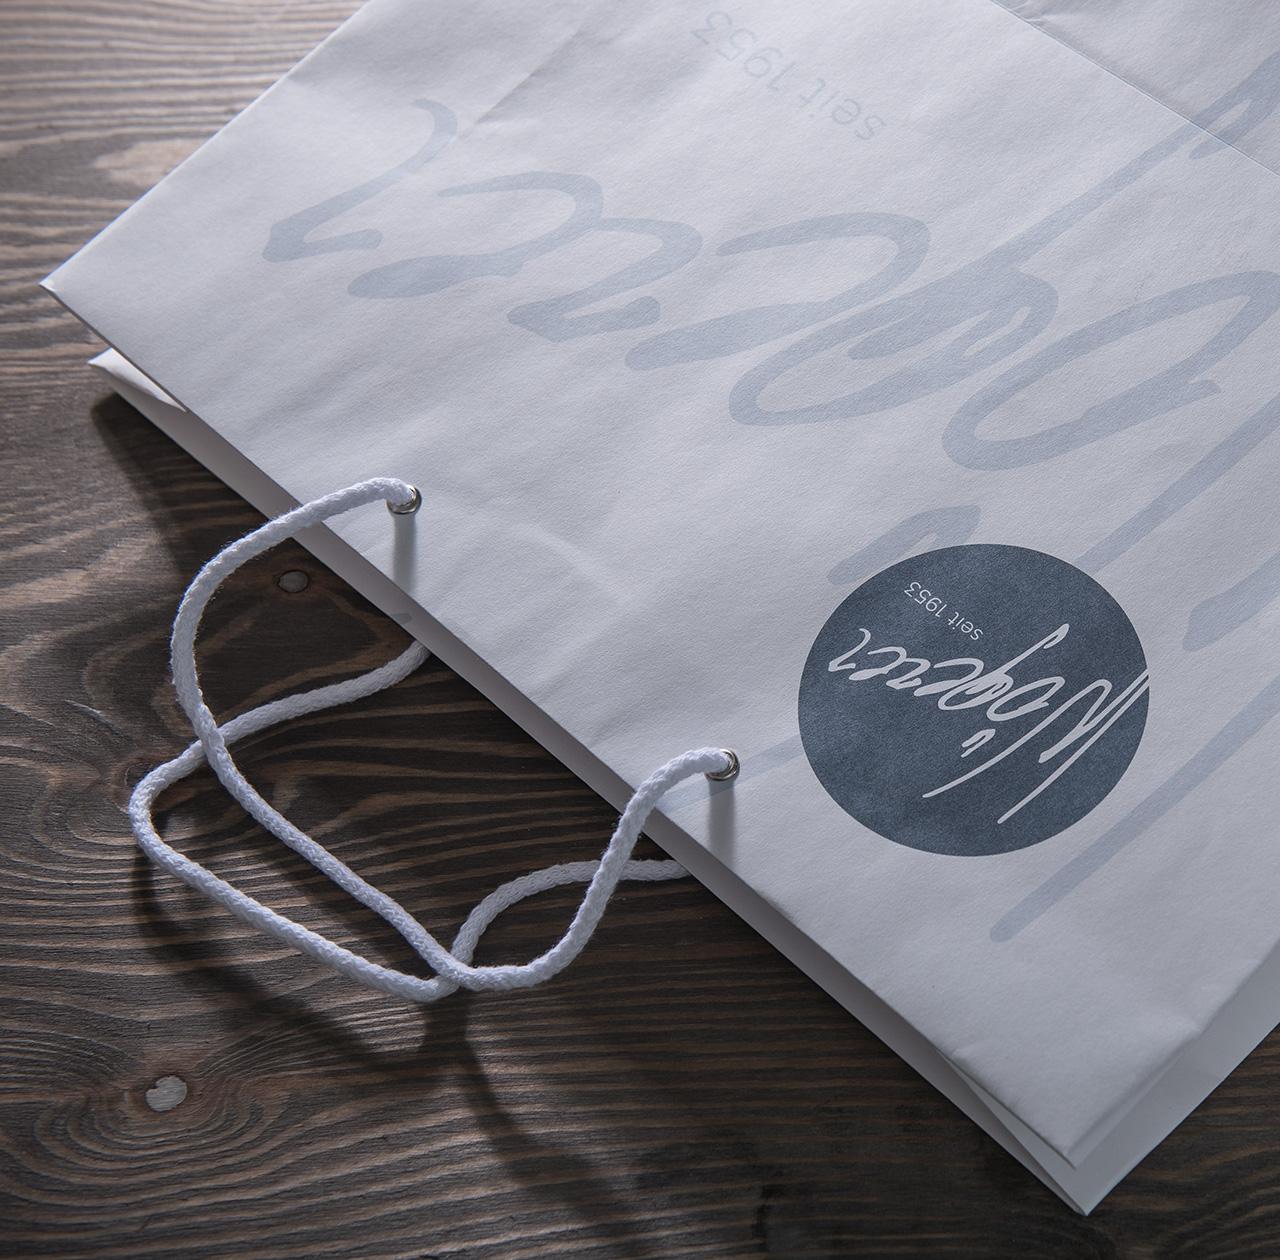 upart referenz für Wögerer - Tragtasche mit Logo